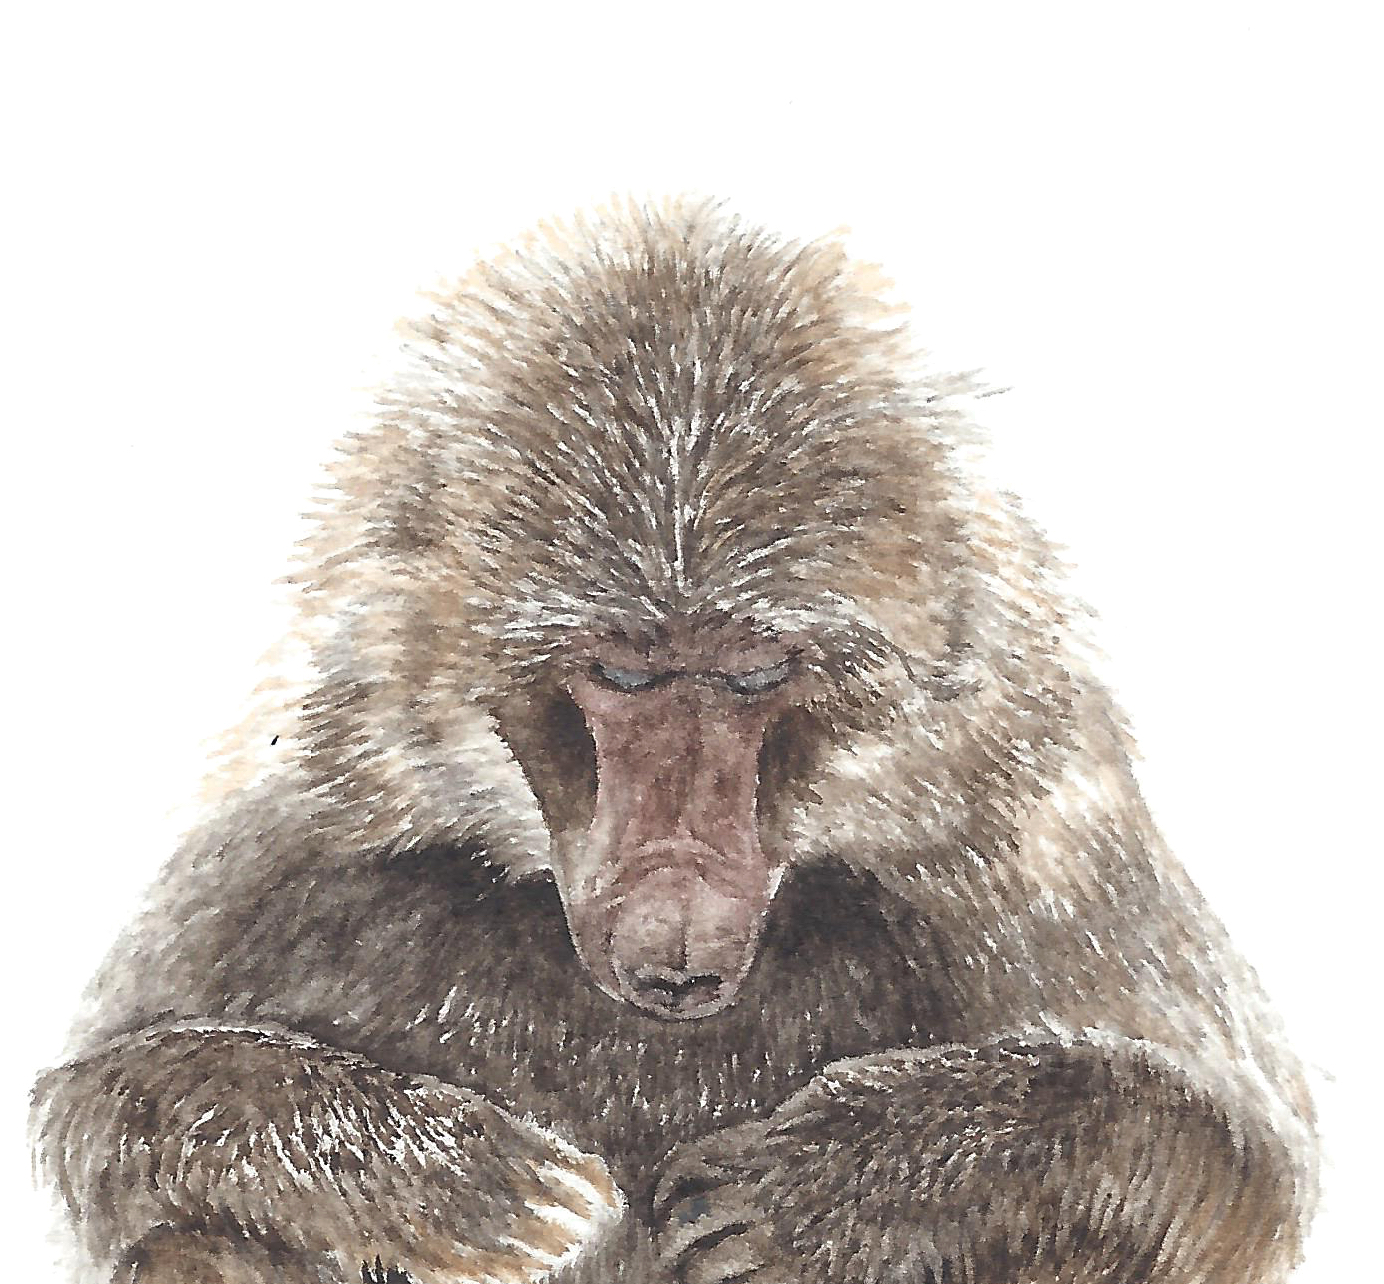 Elle et le macaque japonnais - Valérie Etterlen